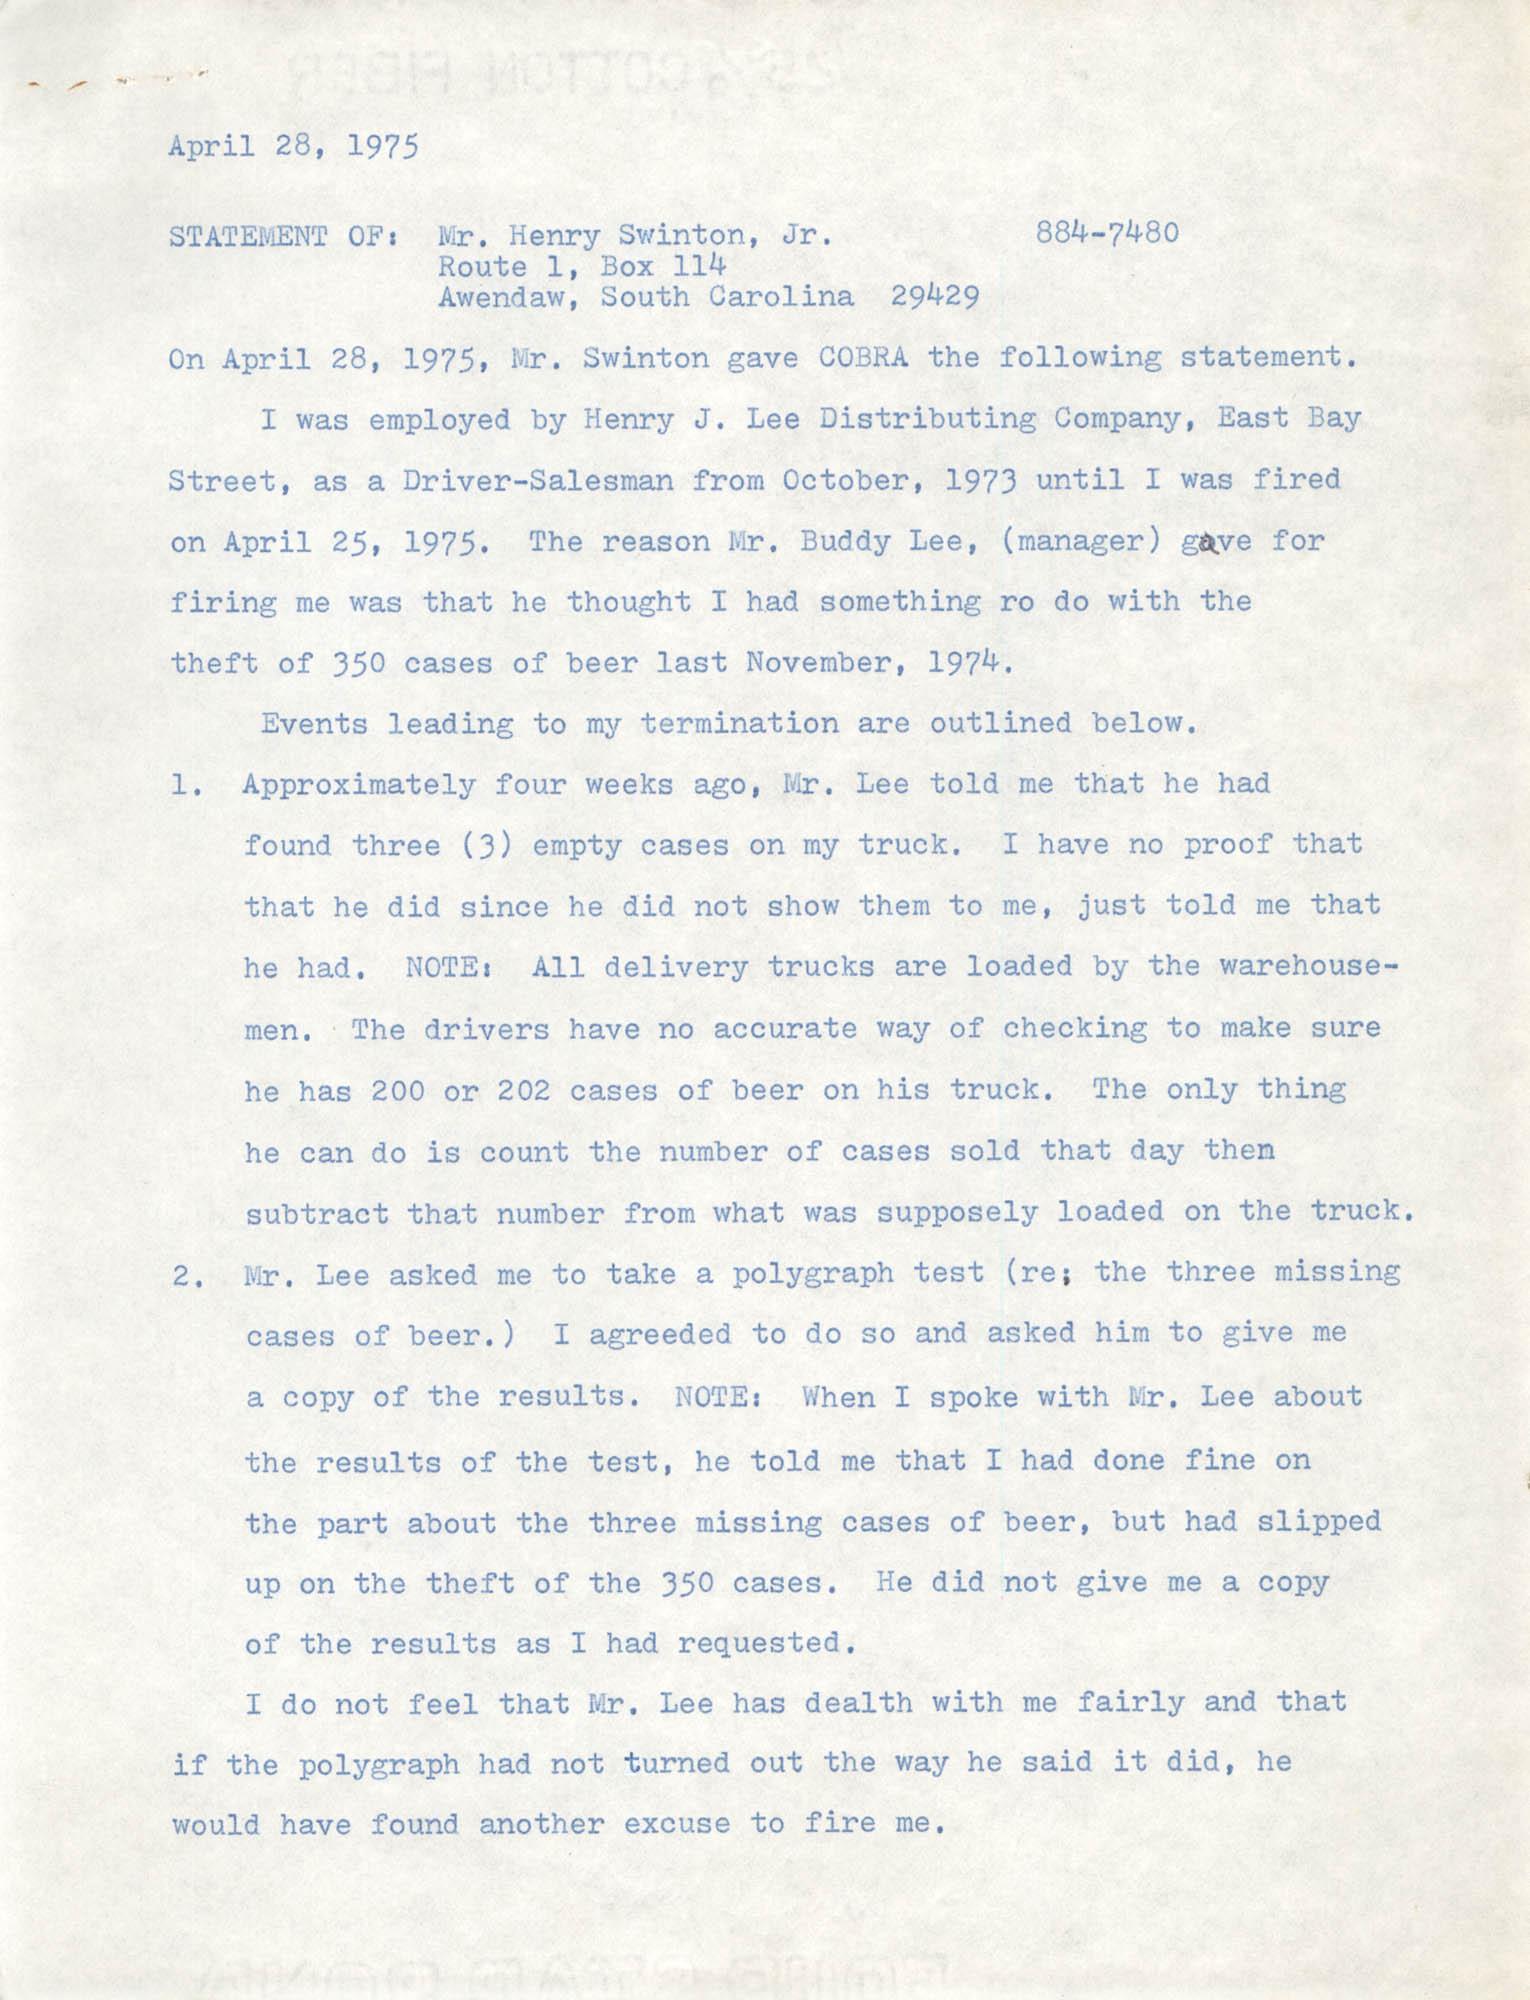 Statement by Henry Swinton, Jr.